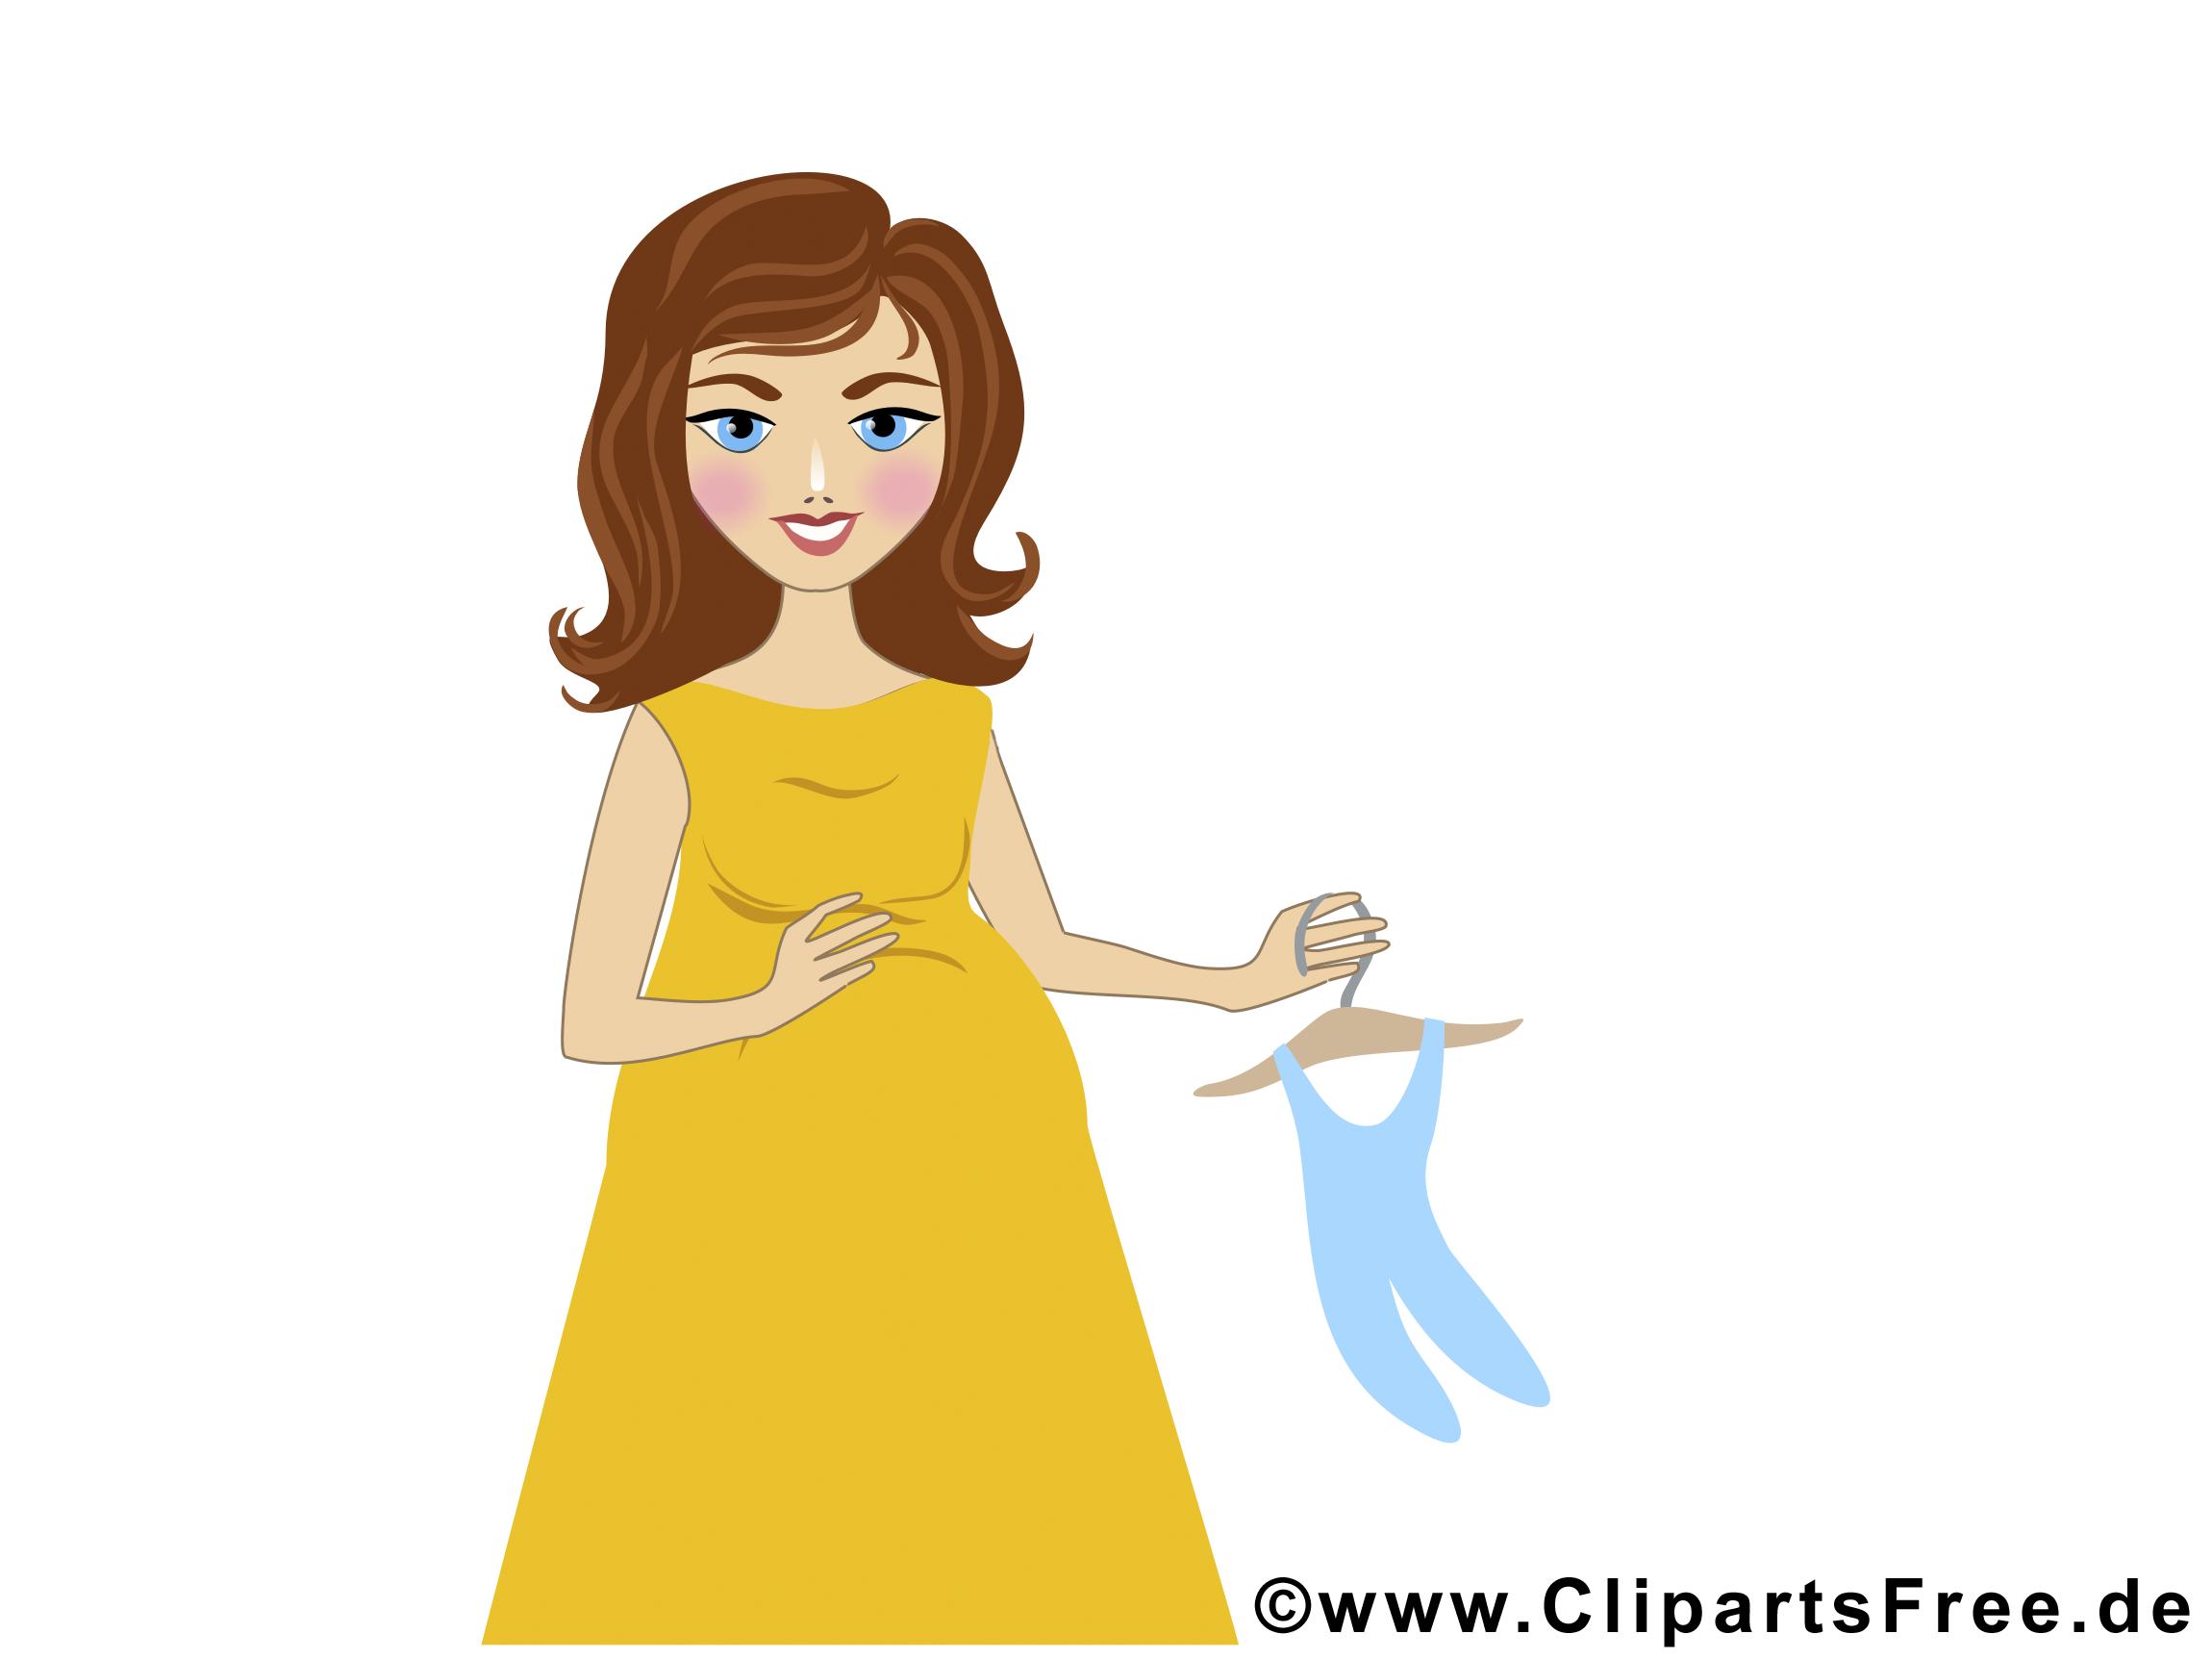 Schwangerschaft Frau Bilder, Cliparts, Grafiken